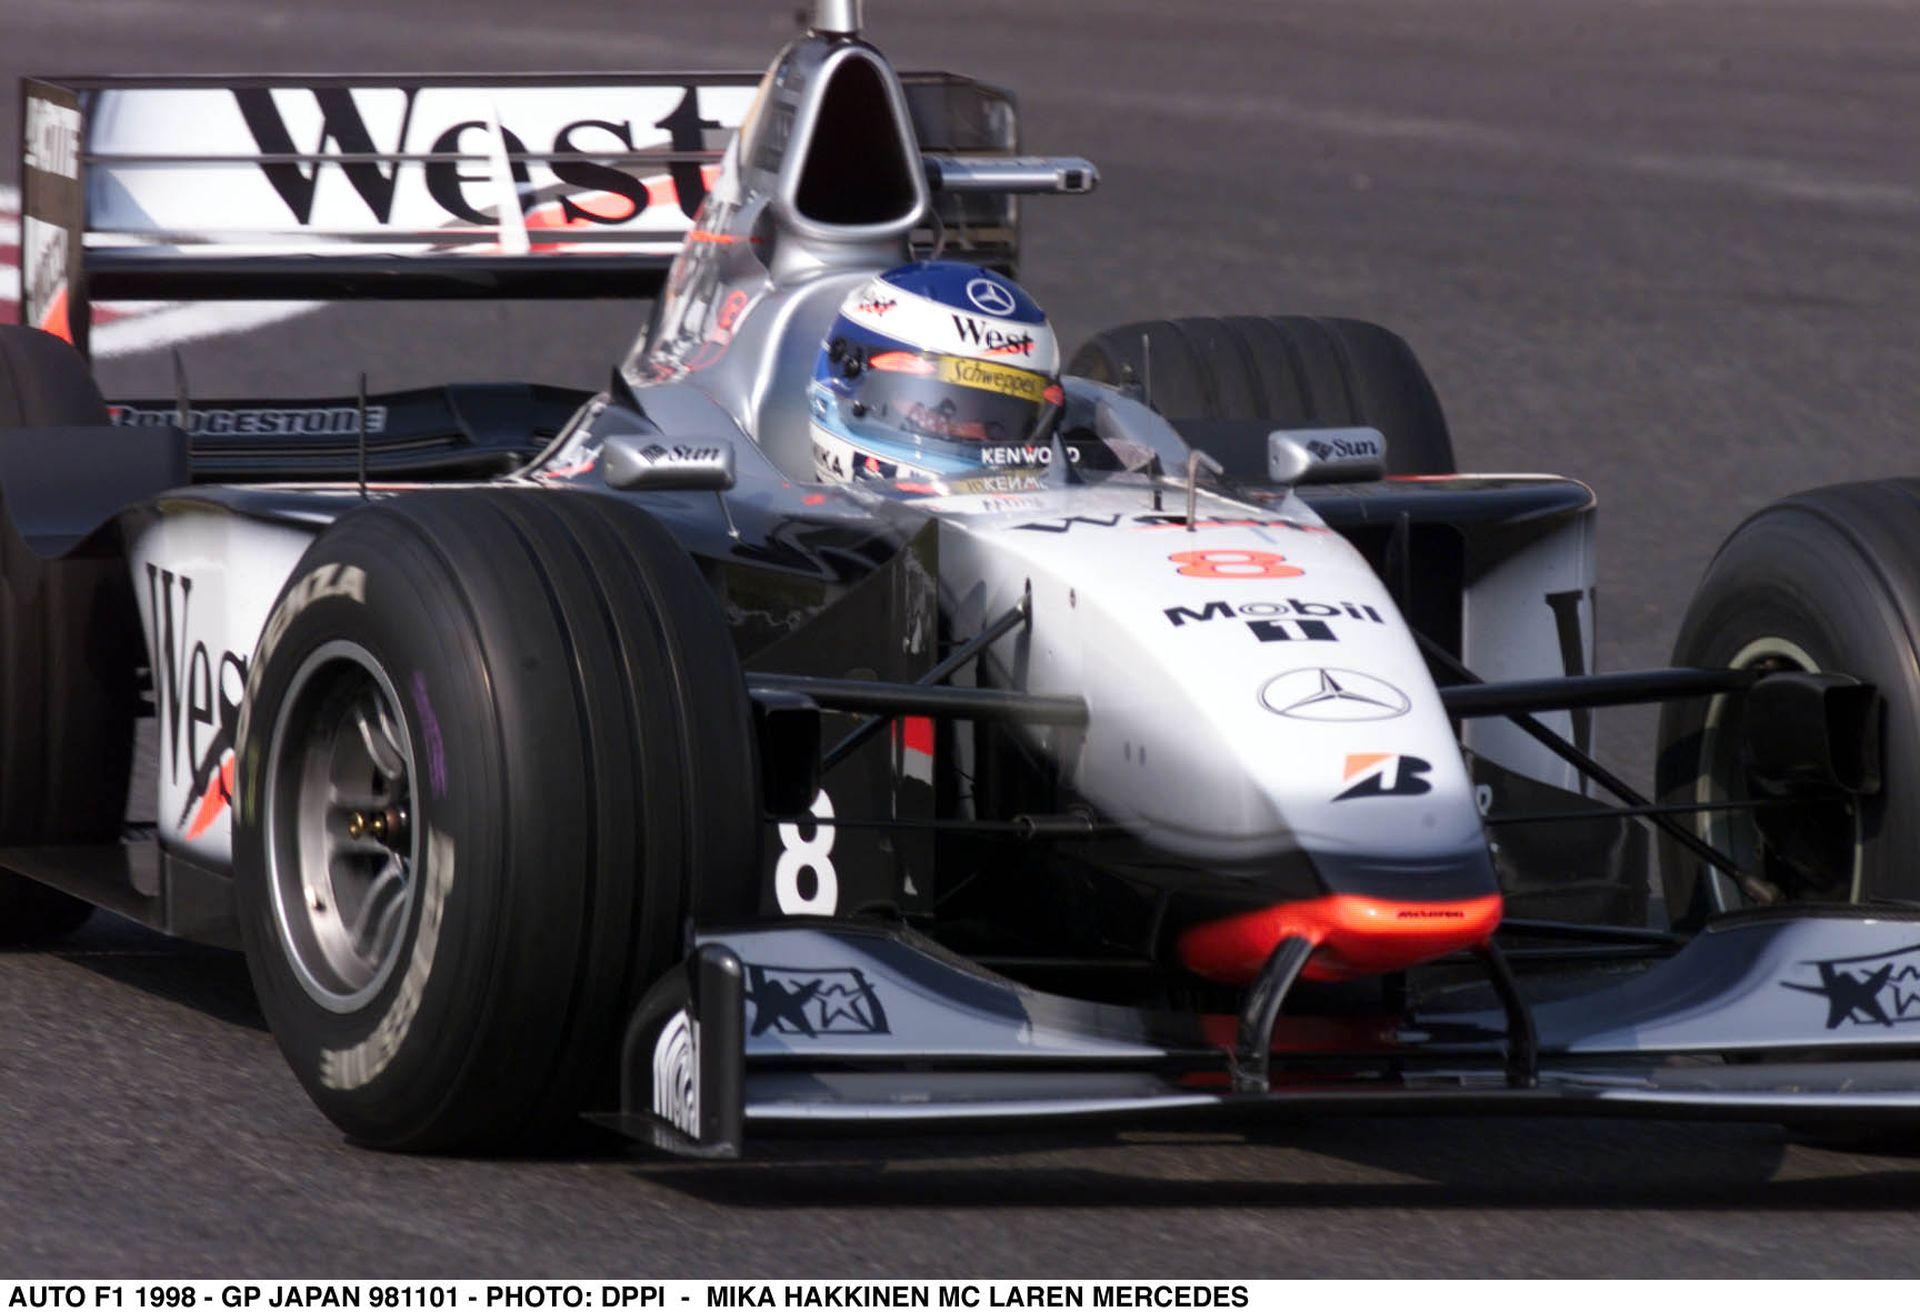 Mika Hakkinen 1998-ban éppen ezen a napon lett először világbajnok a Forma-1-ben